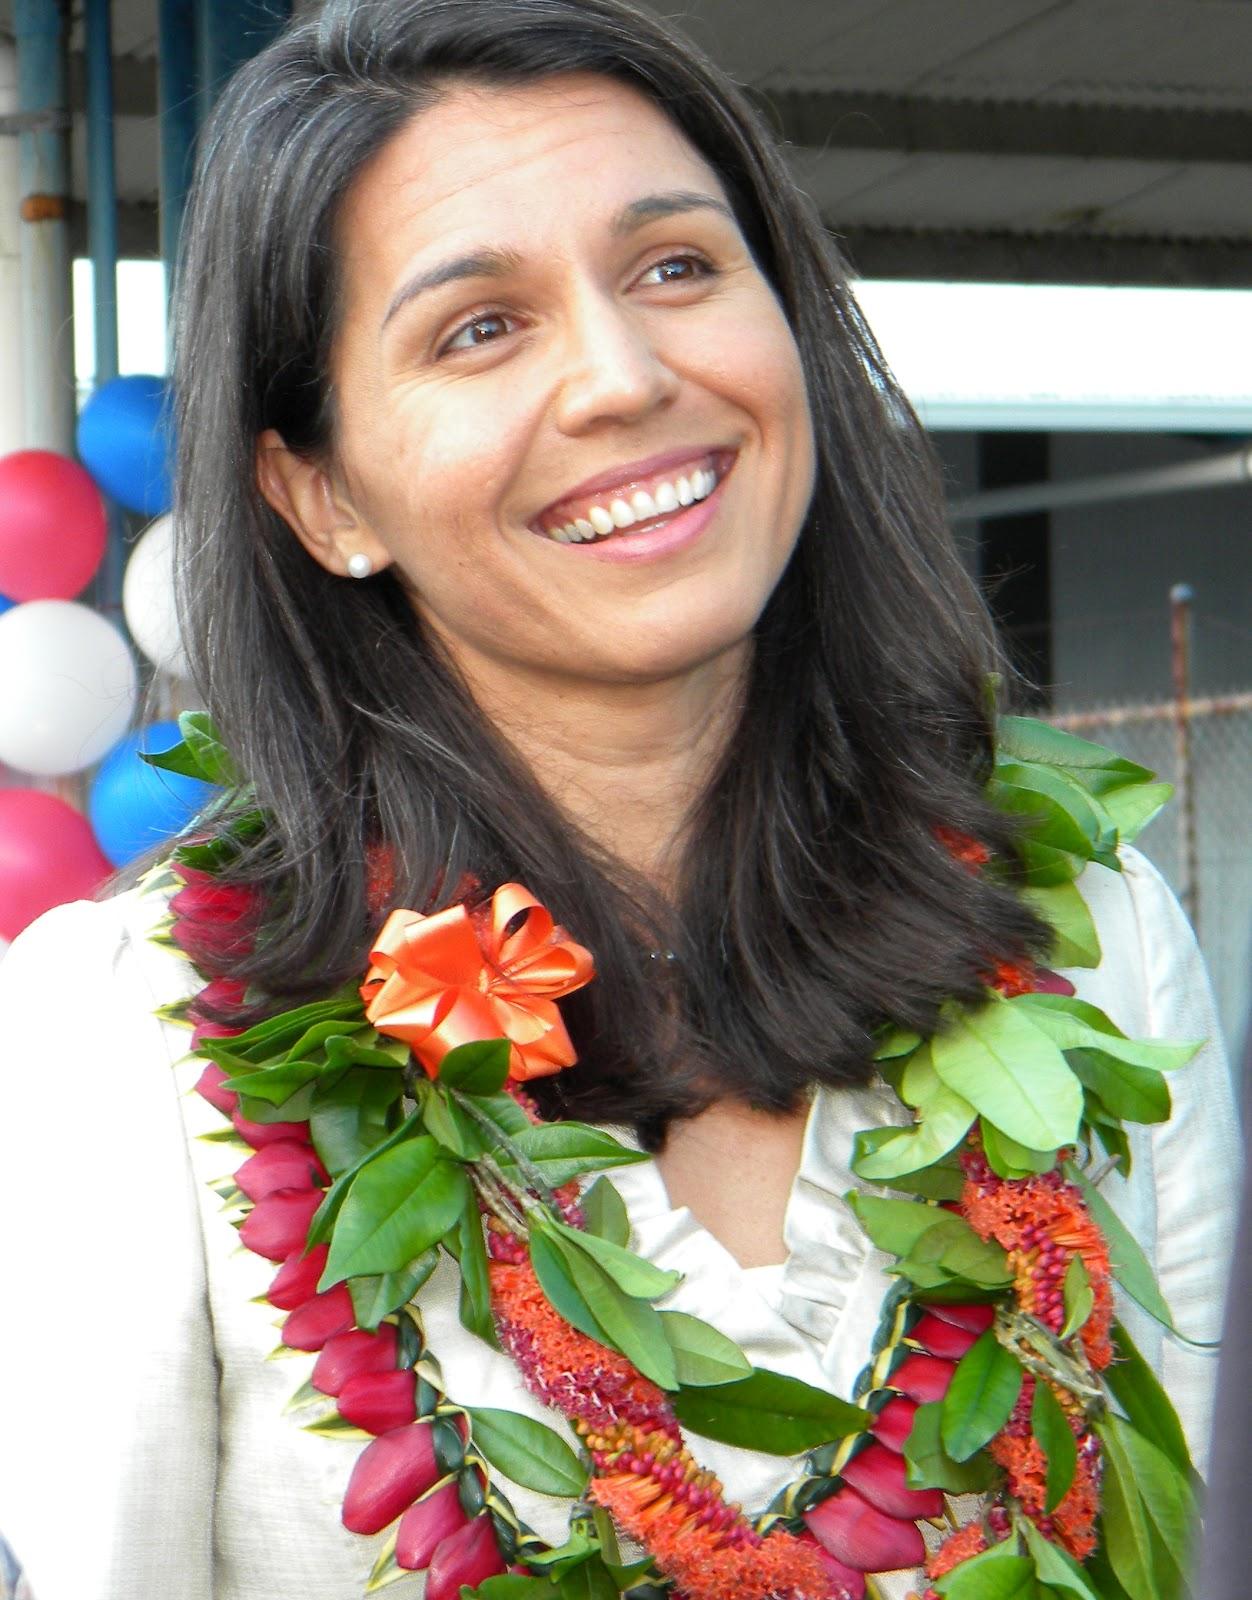 https://cdn.quotesgram.com/img/86/52/1264539428-Tulsi-Gabbard-bhagavad-gita-hindu.jpg